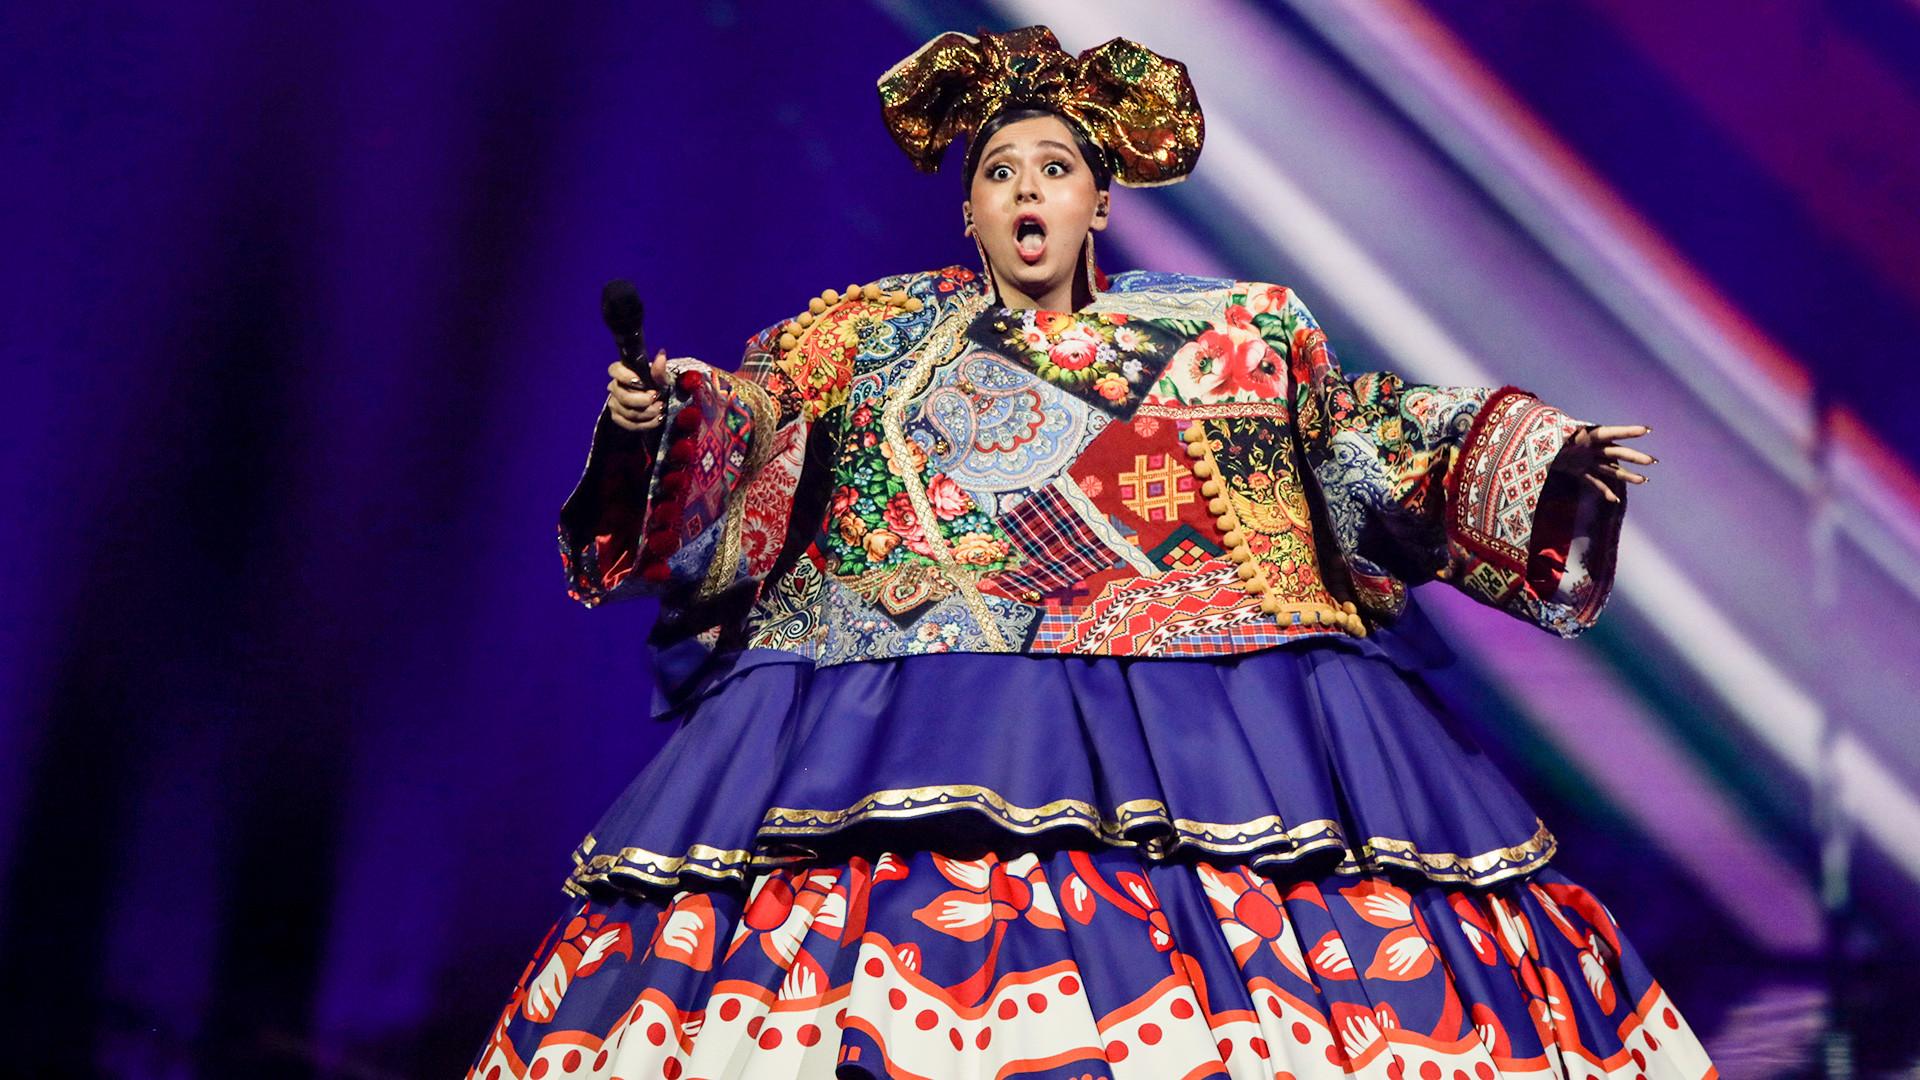 Maniža iz Rusije nastupa u prvoj polufinalnoj večeri Eurosonga u Ahoy Areni u Rotterdamu, 18. svibnja 2021.